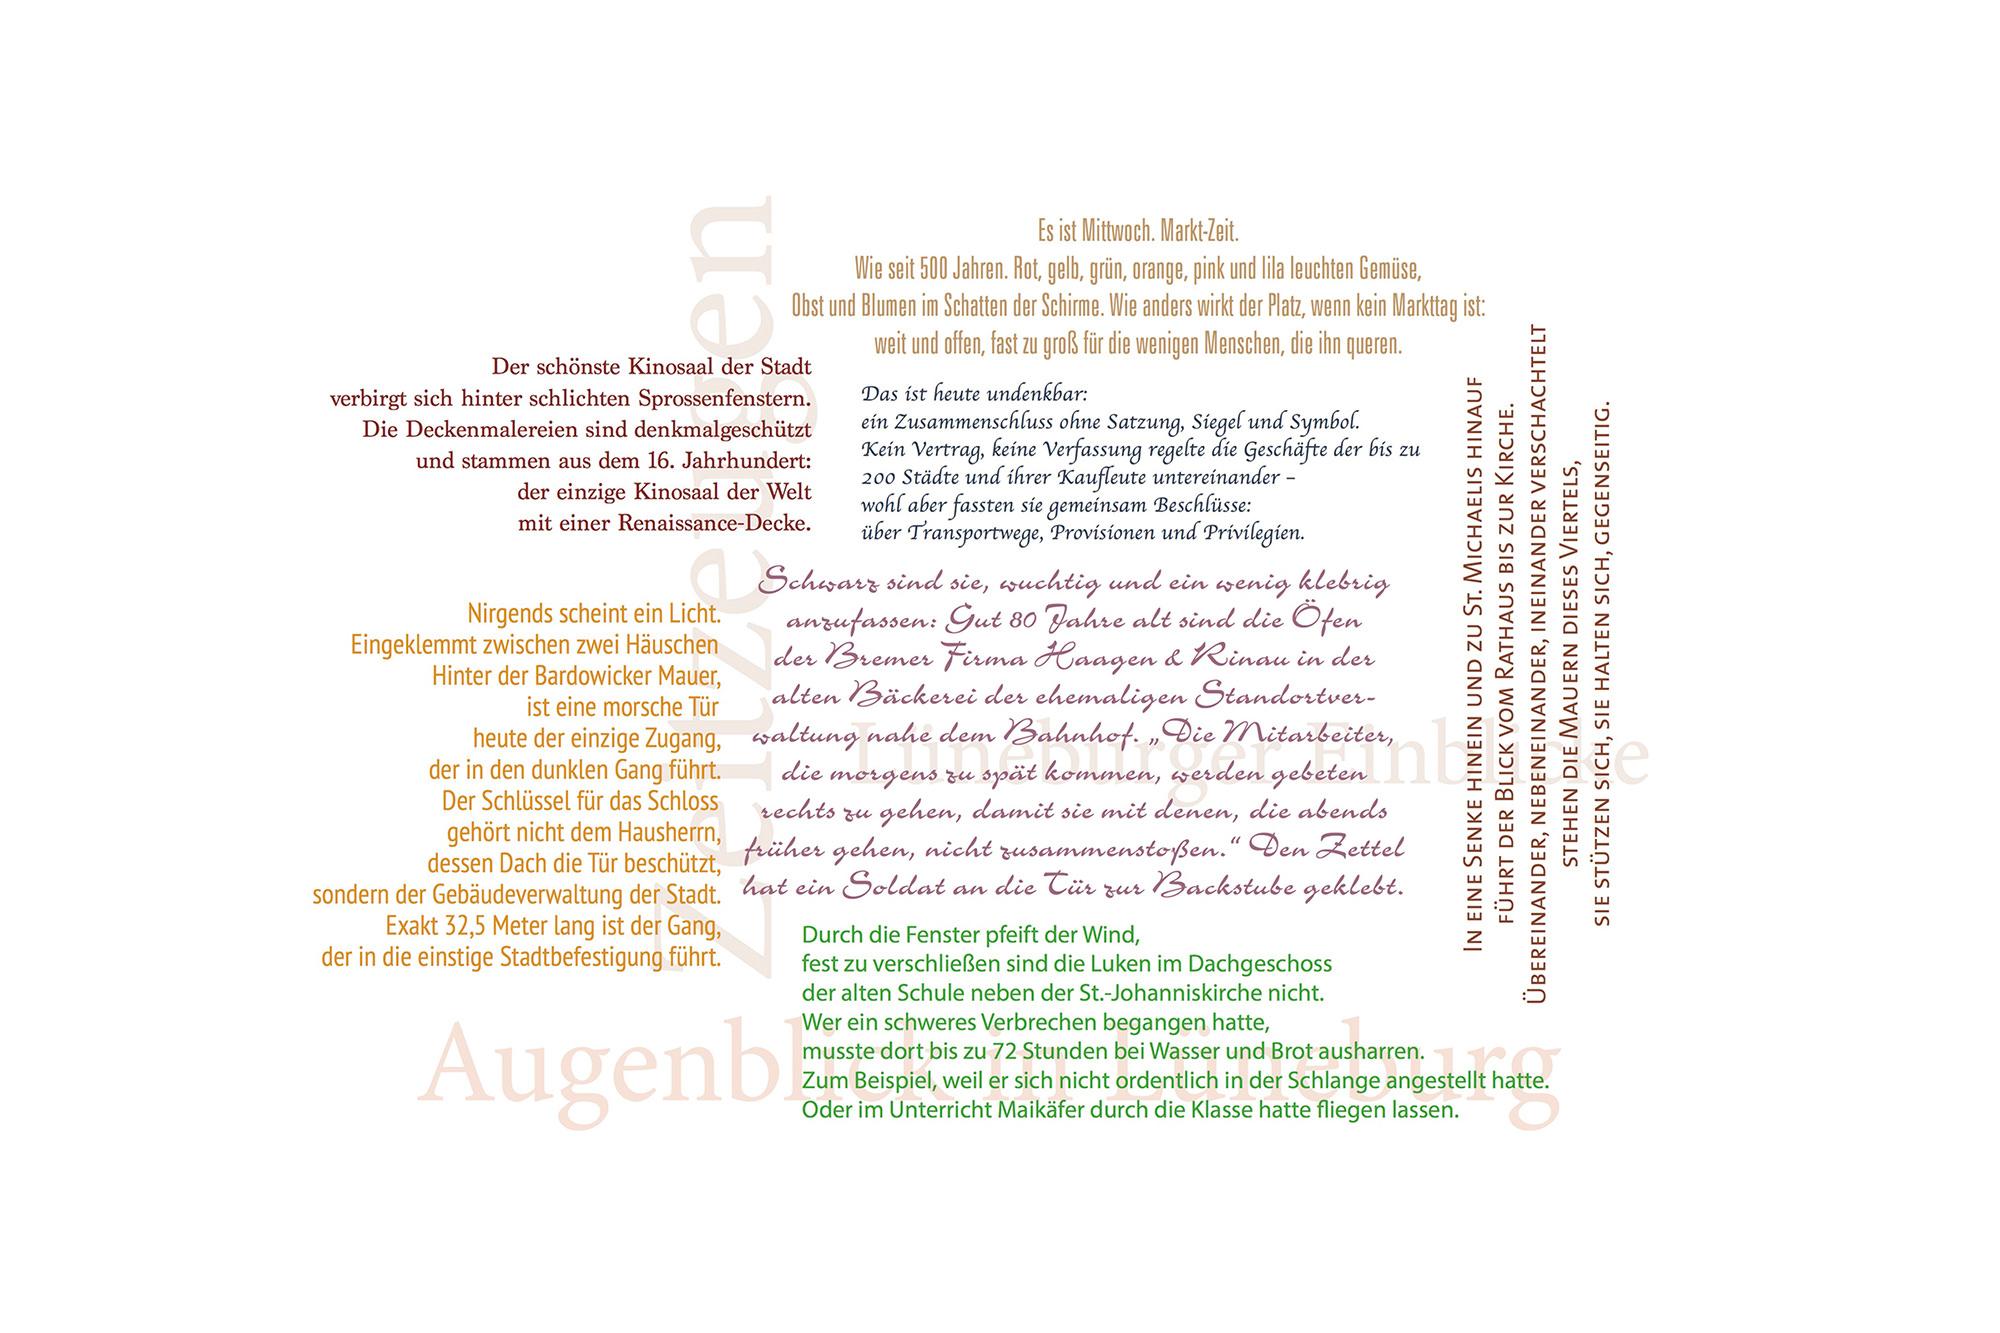 Wortwolke aus Zitaten unserer Lüneburger Bildbände